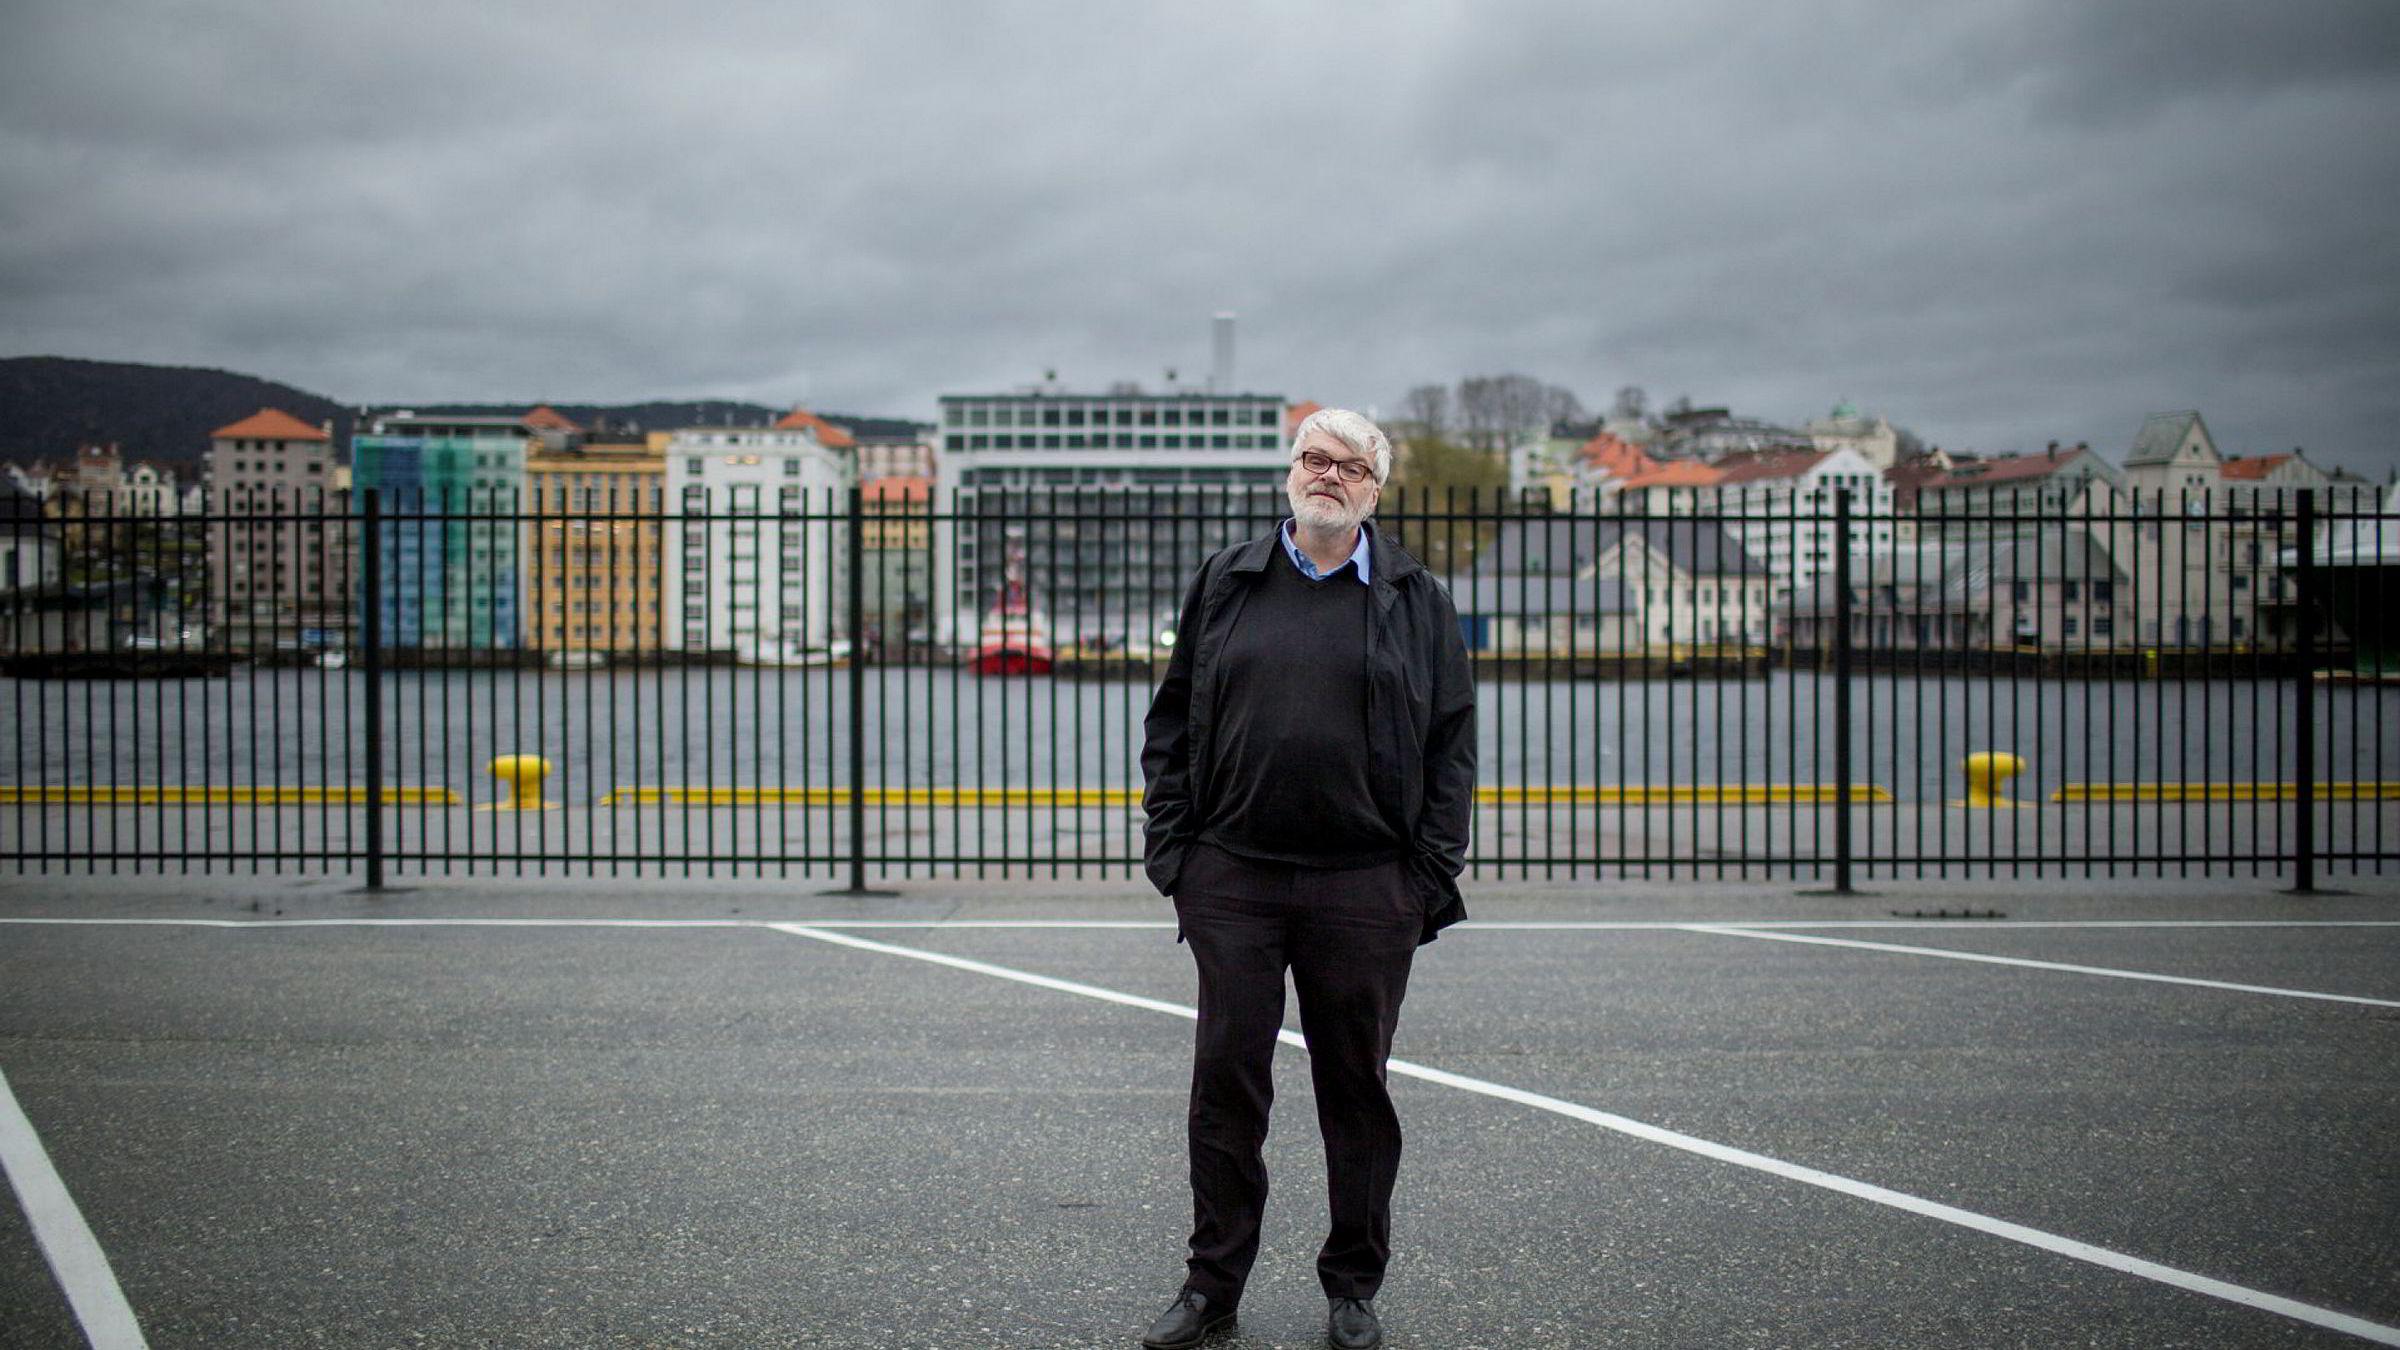 Fagforeningsleder Leif Sande har ført en årelang kamp mot utenlandskablene. Til høsten stiller han i stortingsvalget for Arbeiderpartiet, og prøver å få partiet med på laget.